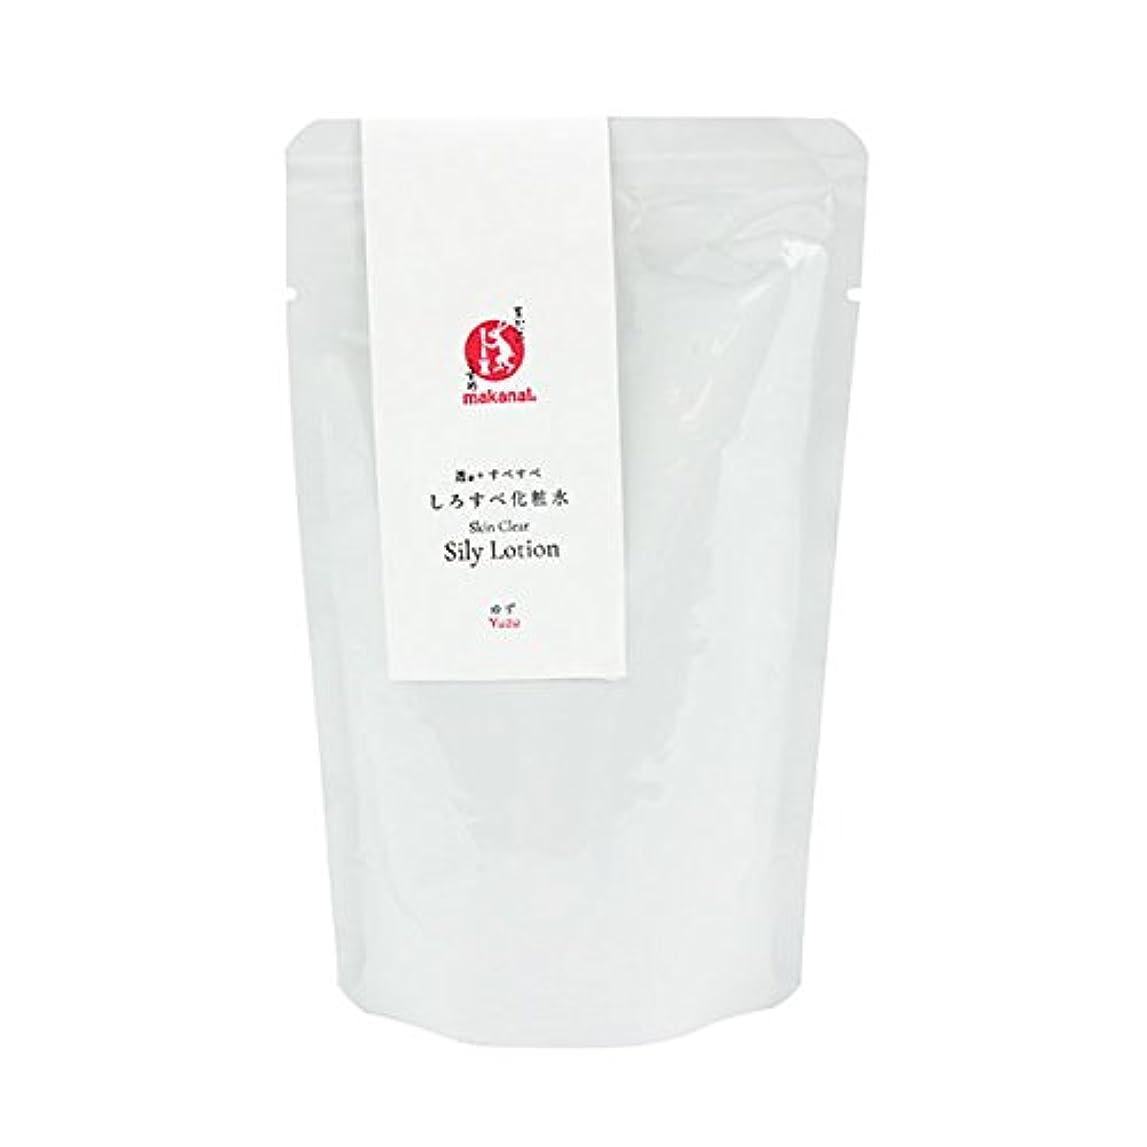 原始的な処理気難しいまかないこすめ しろすべ化粧水(詰め替え用) 150ml